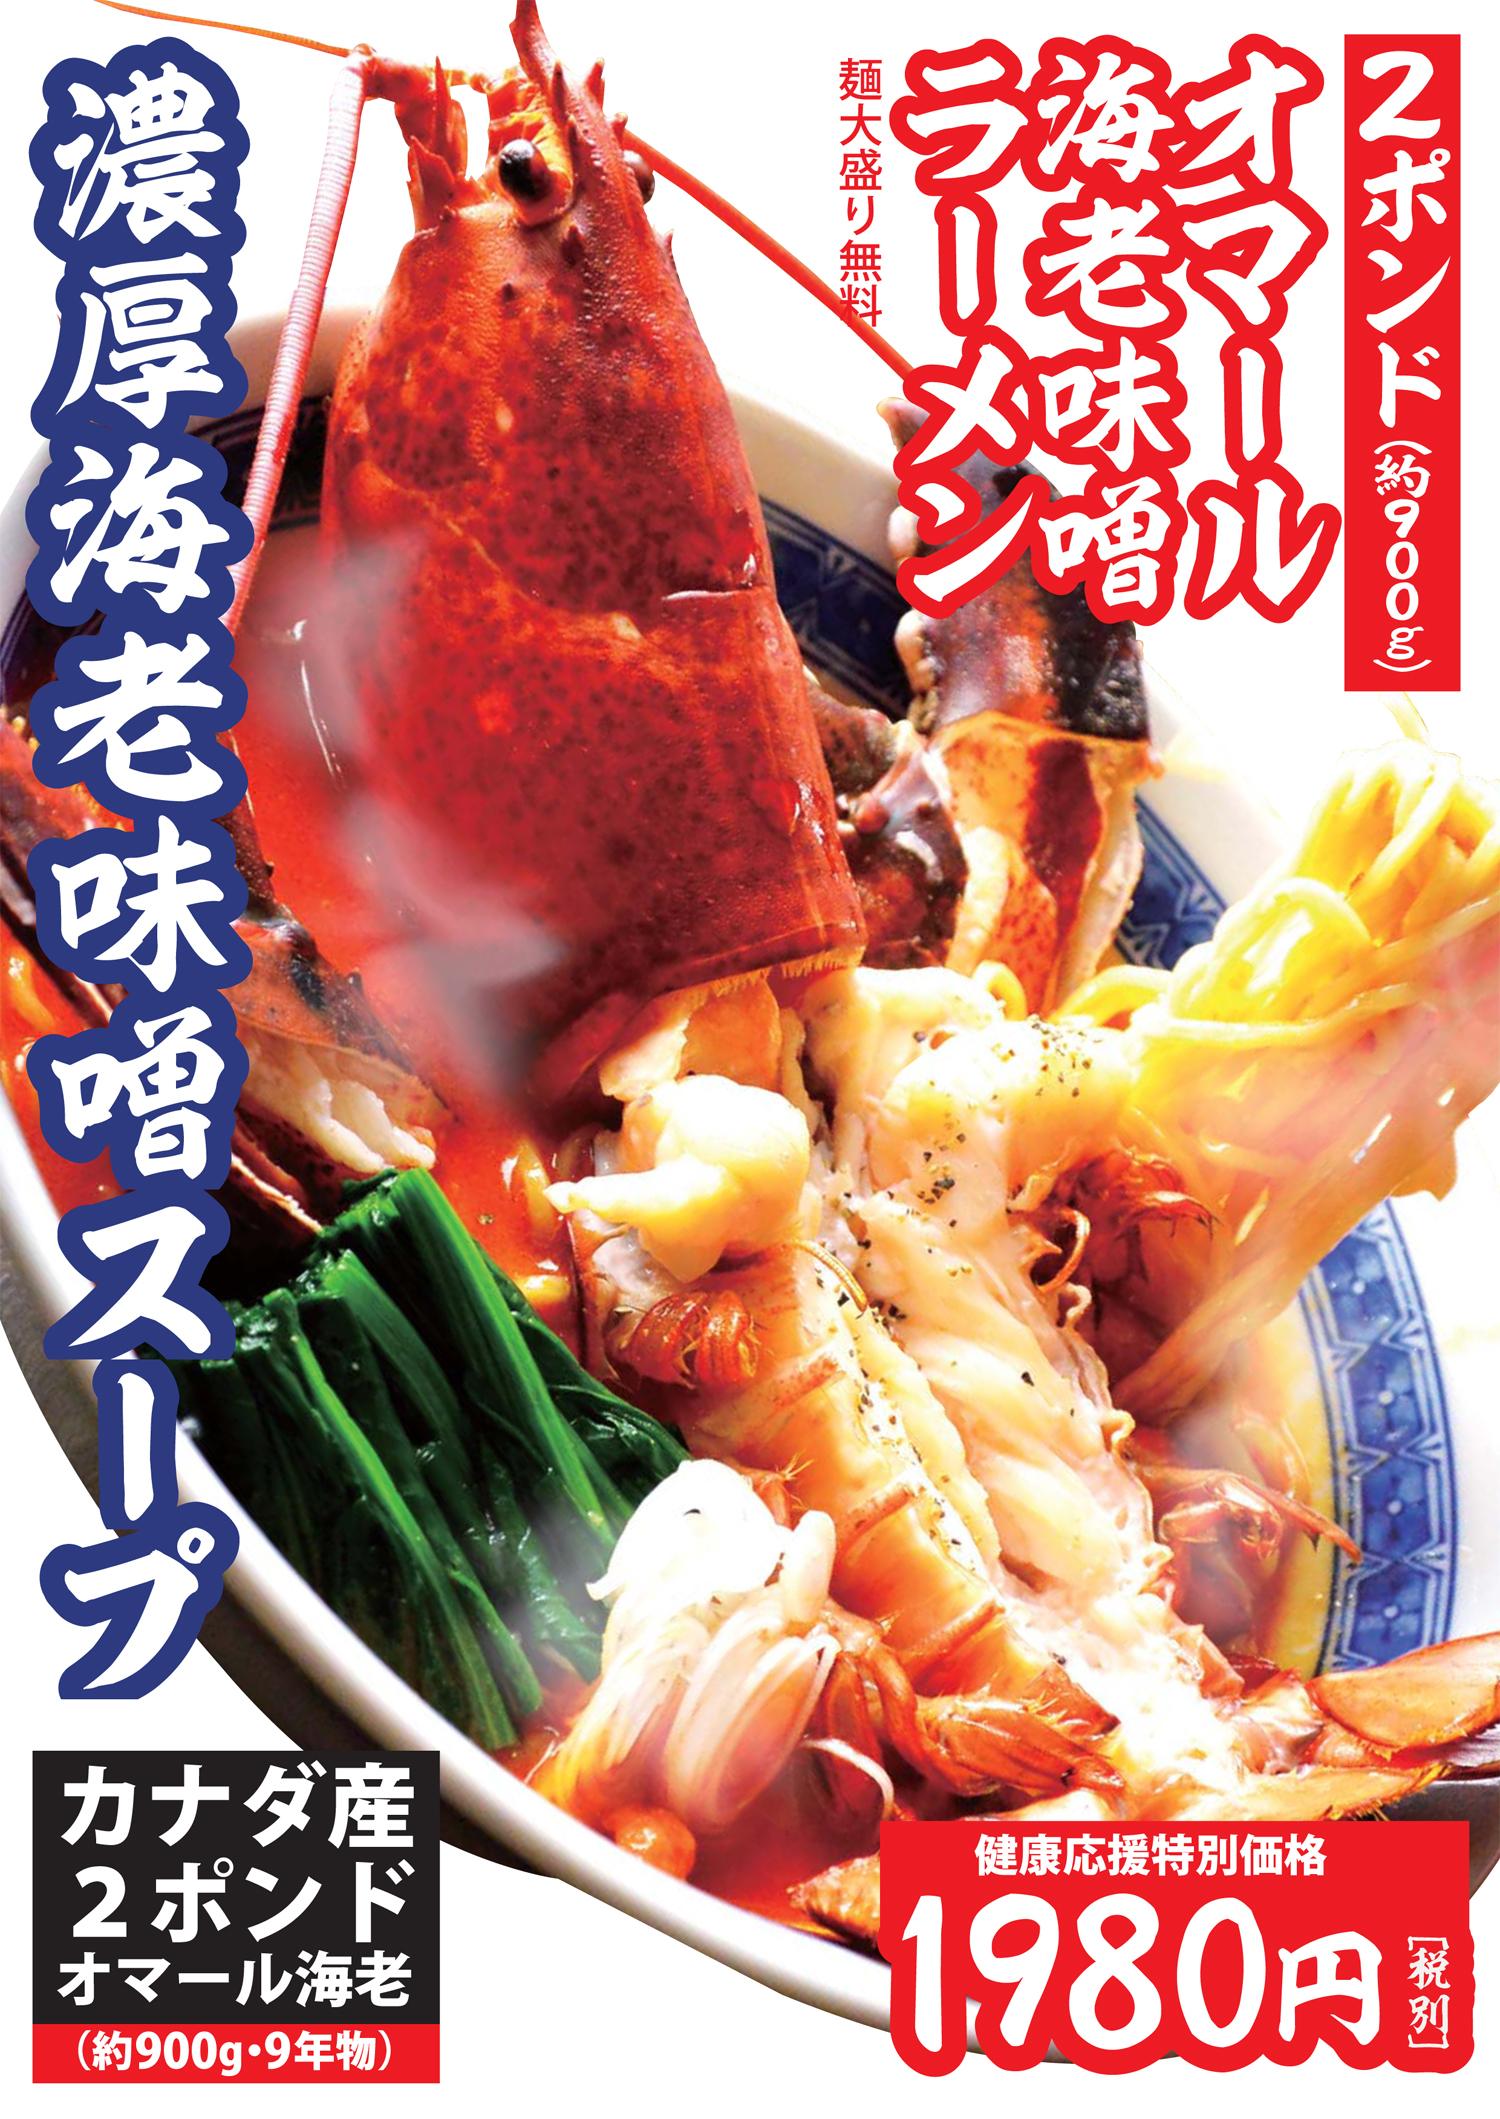 9年物!通常の2倍の大きさの2ポンドオマール海老を使用した「オマール海老味噌ラーメン」を大阪の海老専... 画像